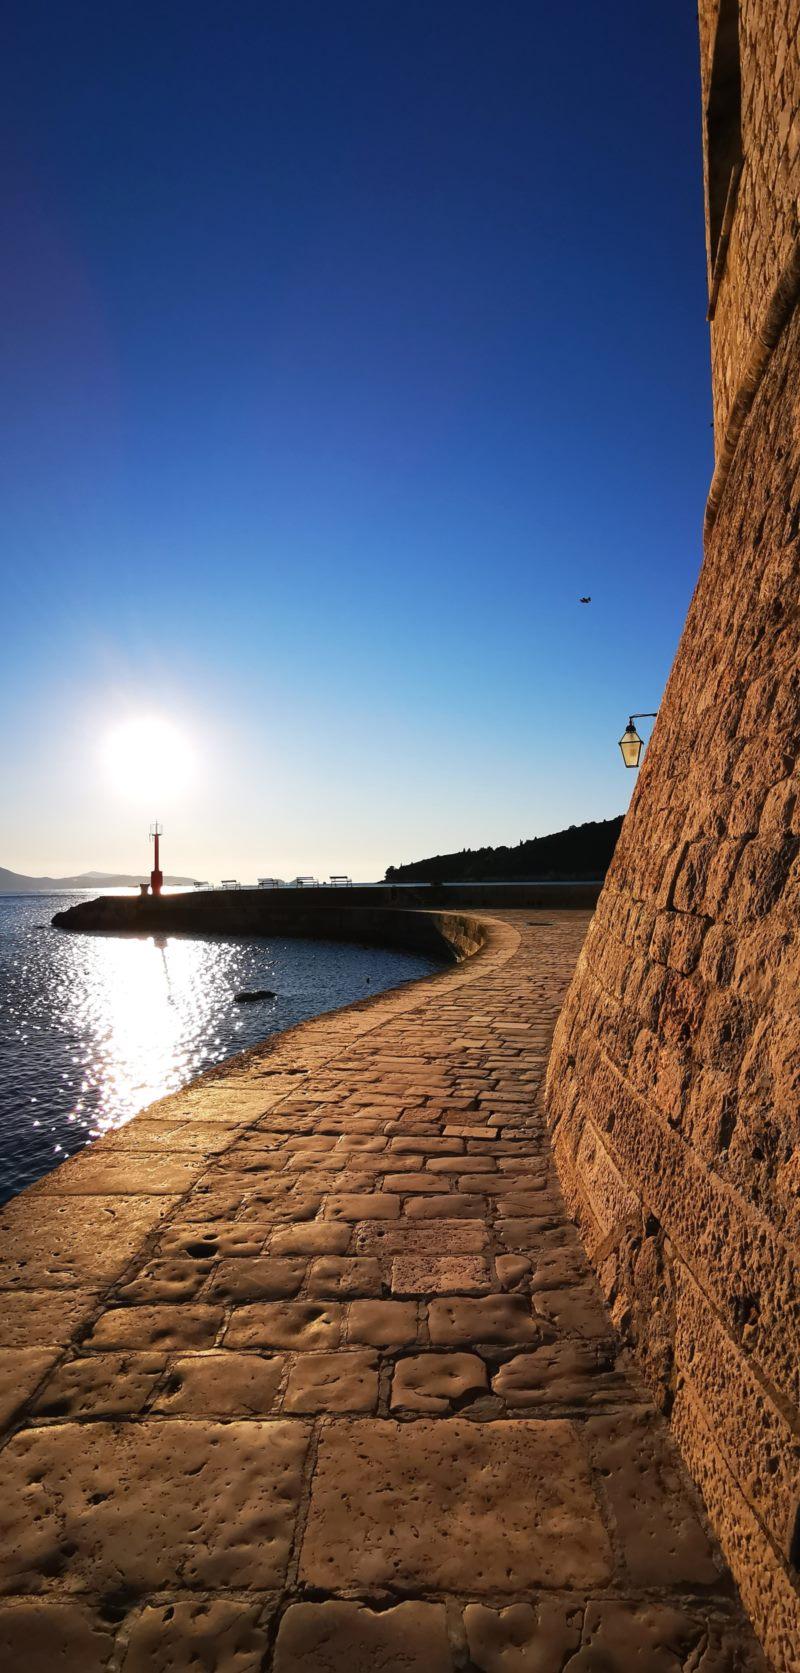 Turistička zajednica grada Dubrovnika provodi promotivnu kampanju na američkom tržištu